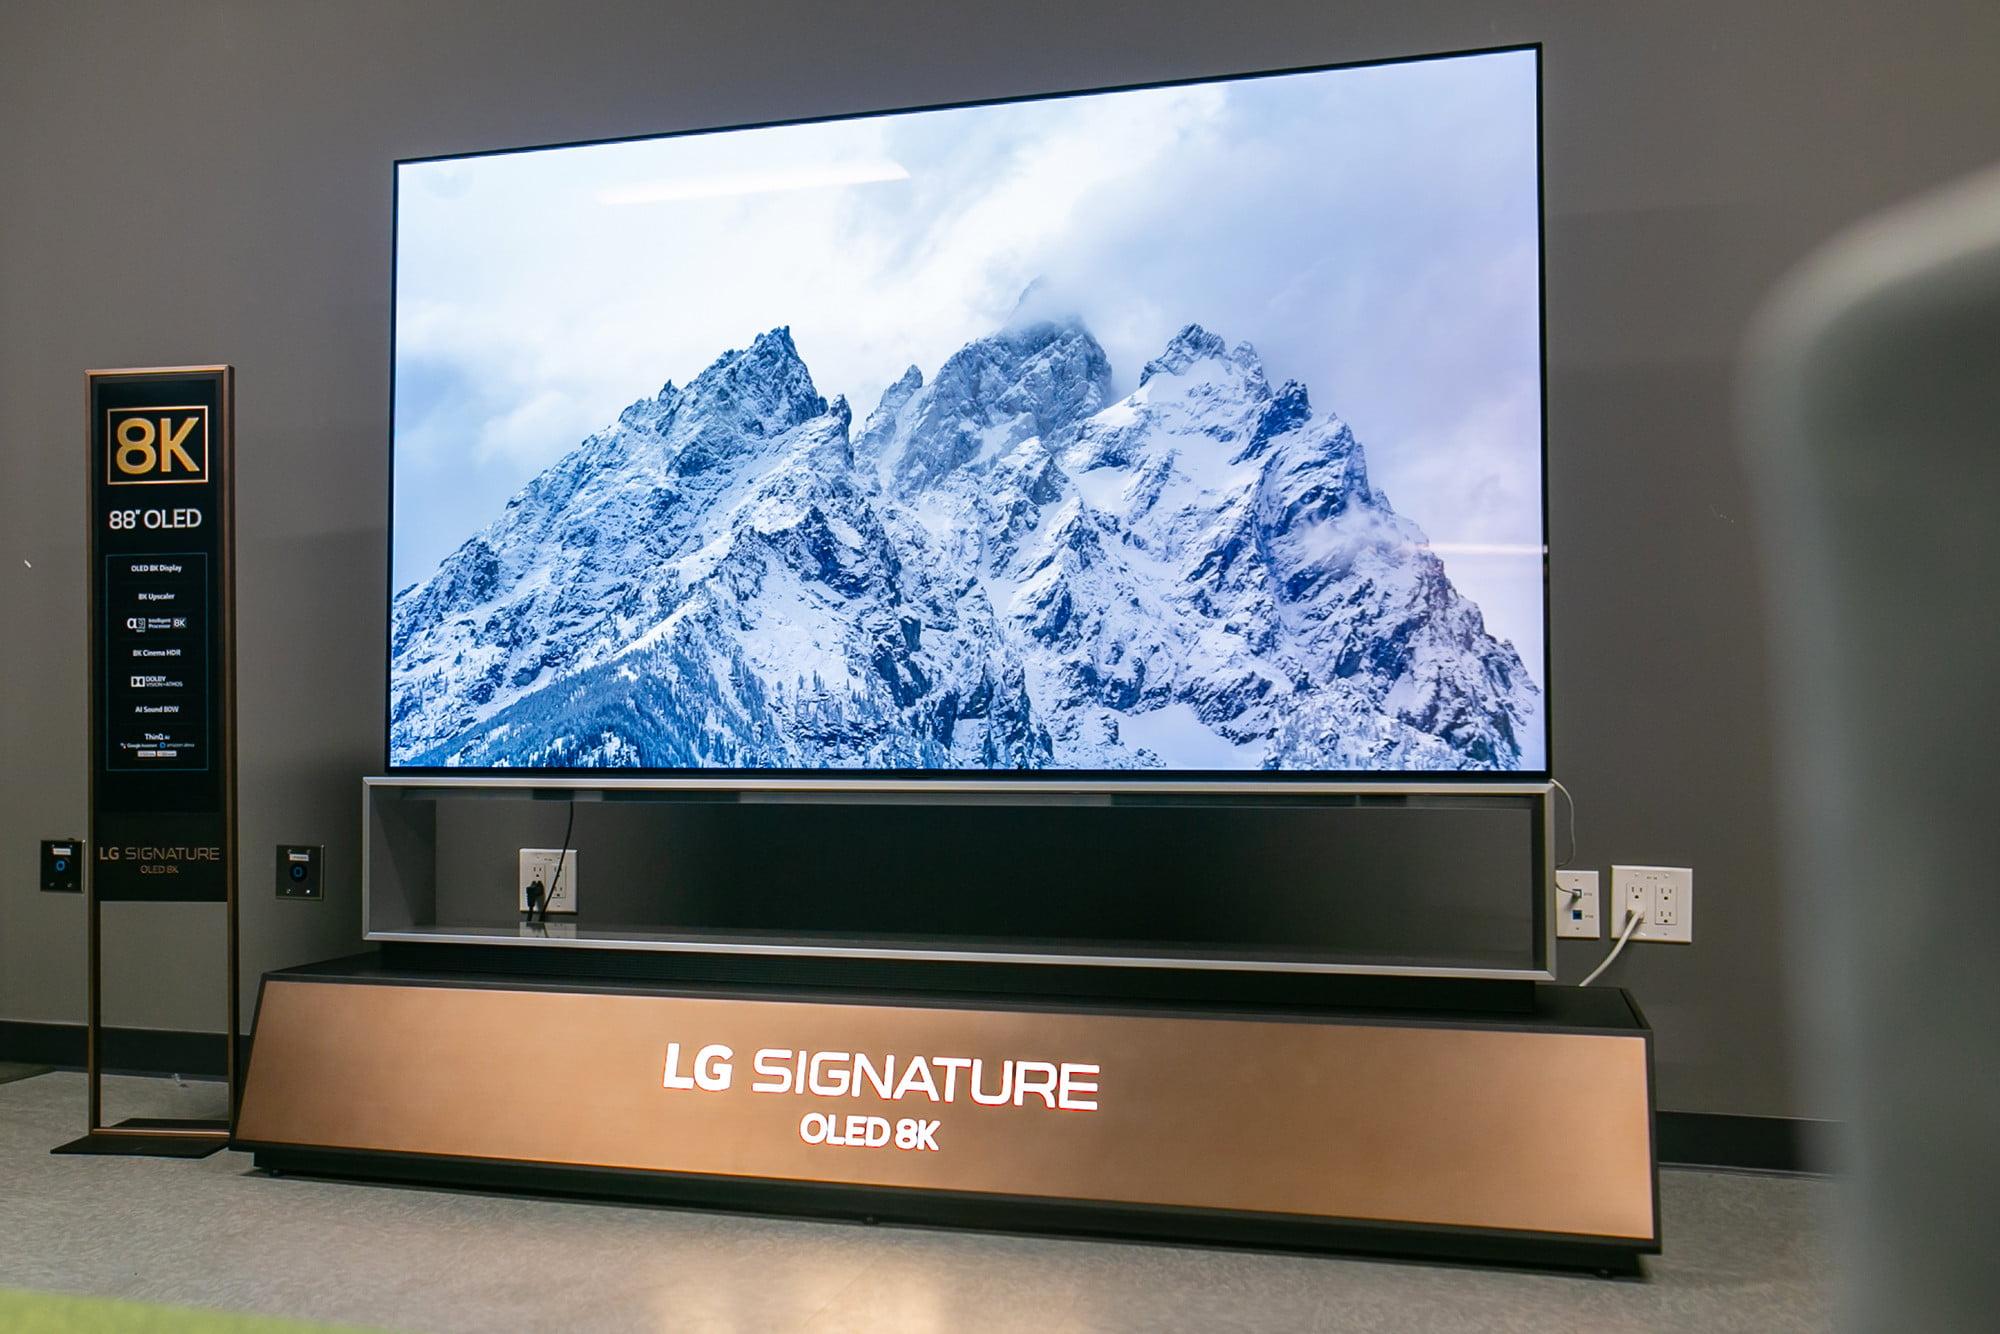 OLED电视卖20万元 高端子品牌能否打破家电价格战怪圈?